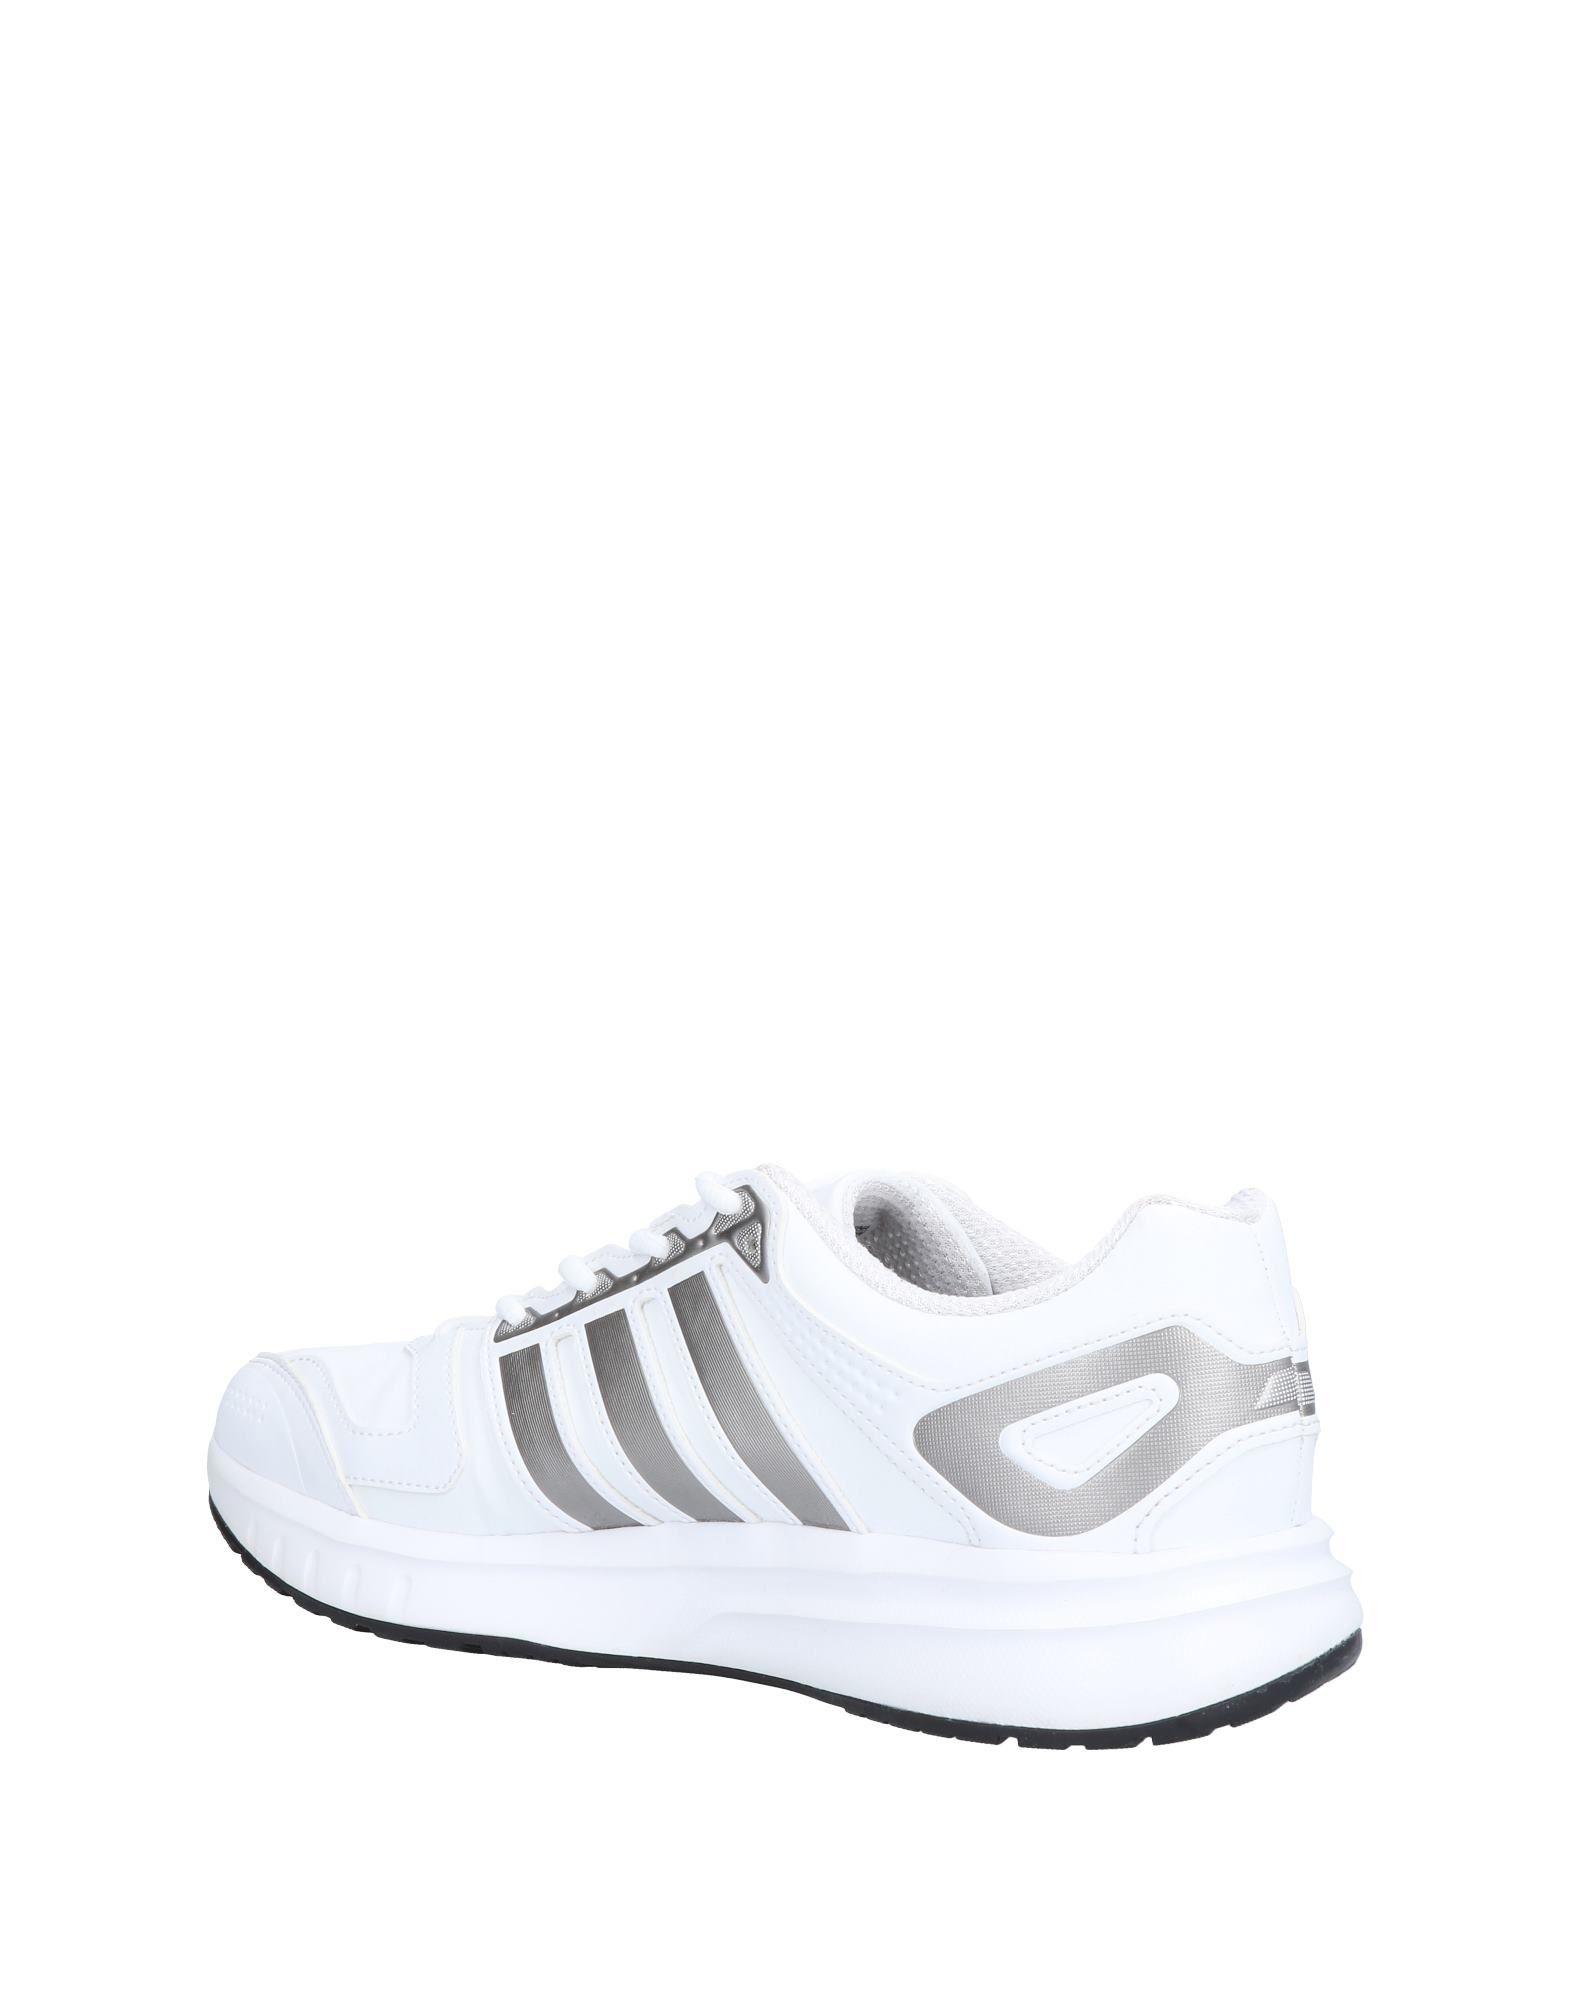 Rabatt Rabatt Rabatt echte Schuhe Adidas Sneakers Herren  11480636BF eaed5c